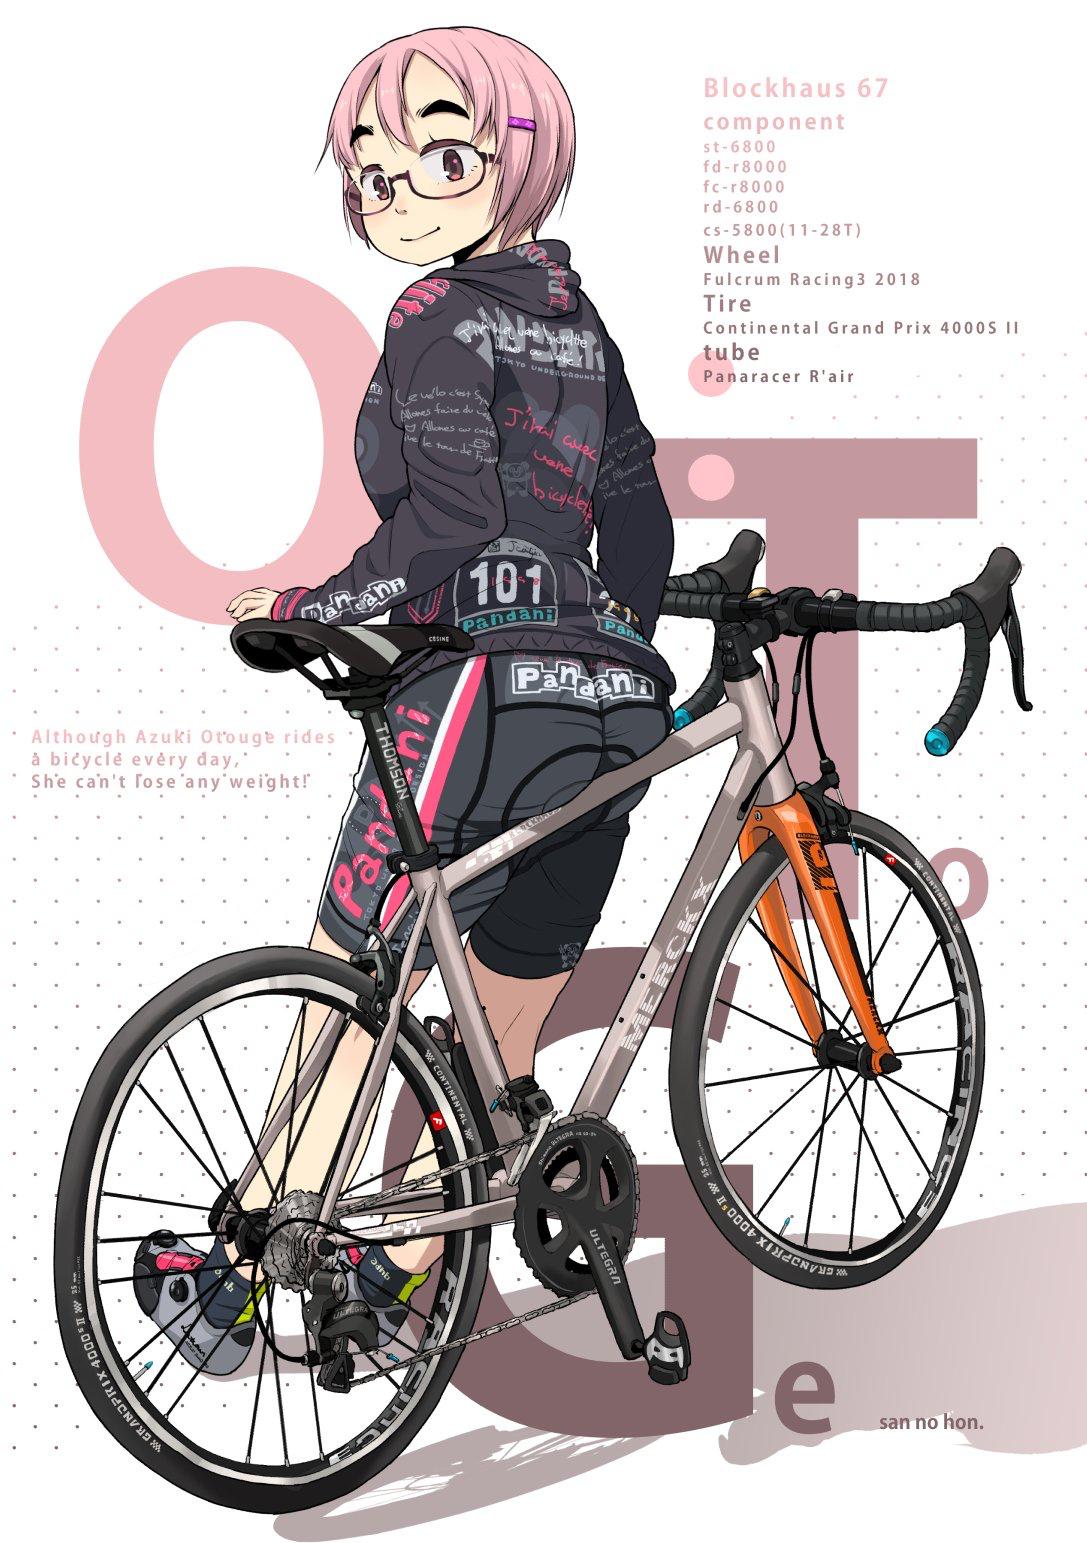 ロード バイク 女子 おしゃれまとめの人気アイデア Pinterest ちひろ Zero サイクリングアート 自転車アート キャラクターデザイン